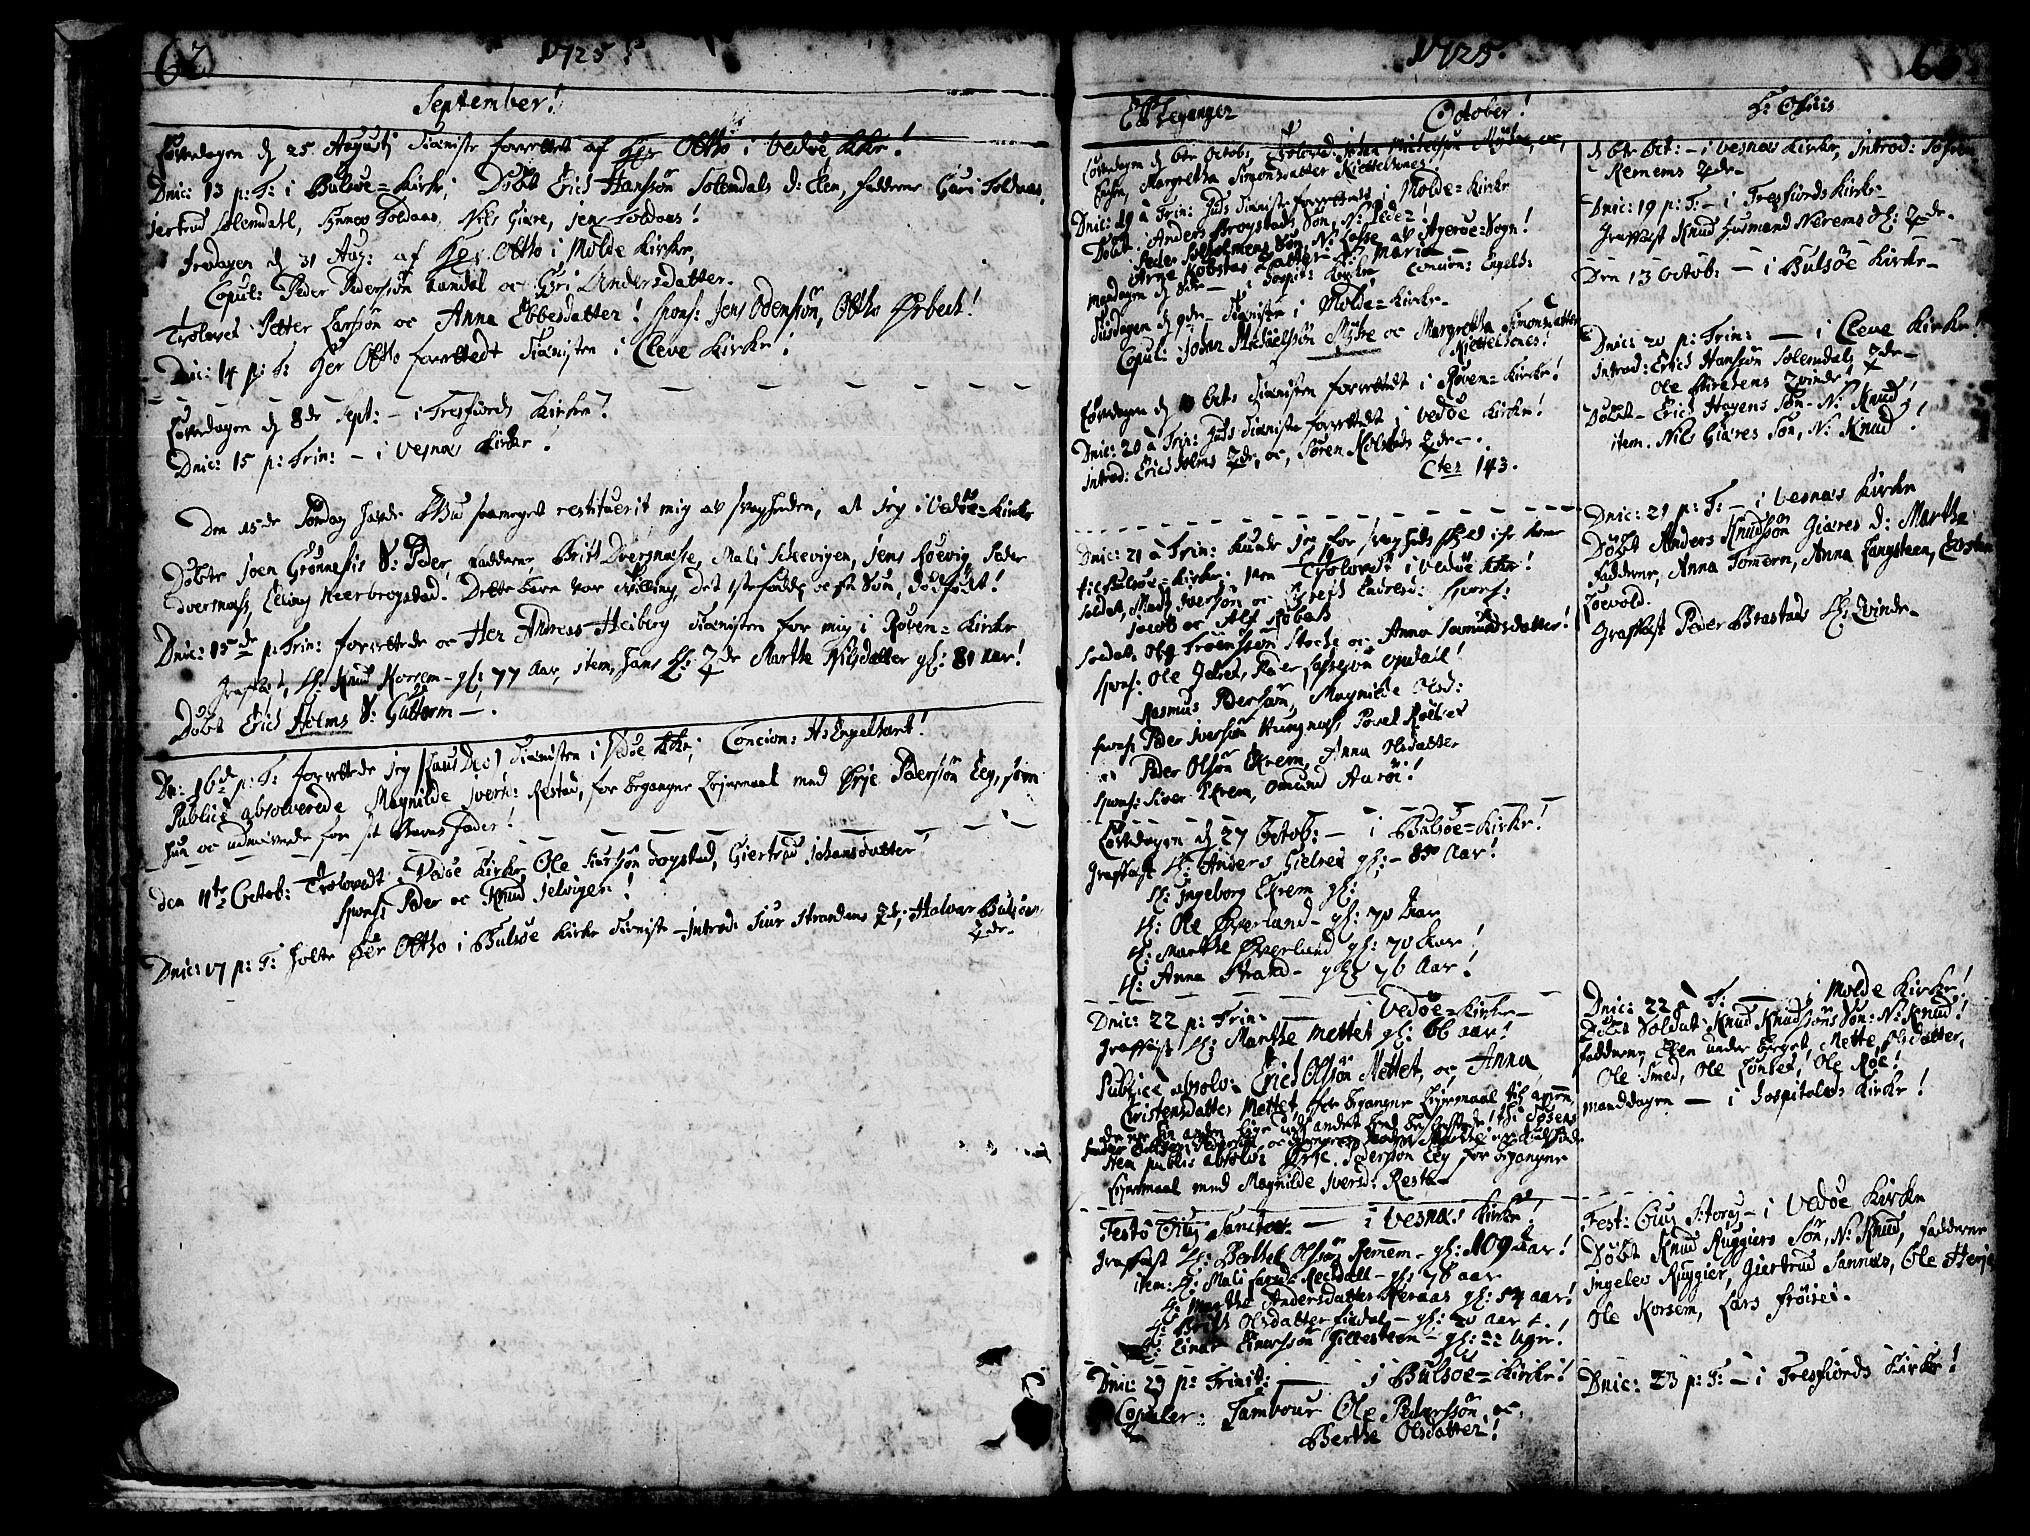 SAT, Ministerialprotokoller, klokkerbøker og fødselsregistre - Møre og Romsdal, 547/L0599: Ministerialbok nr. 547A01, 1721-1764, s. 64-65